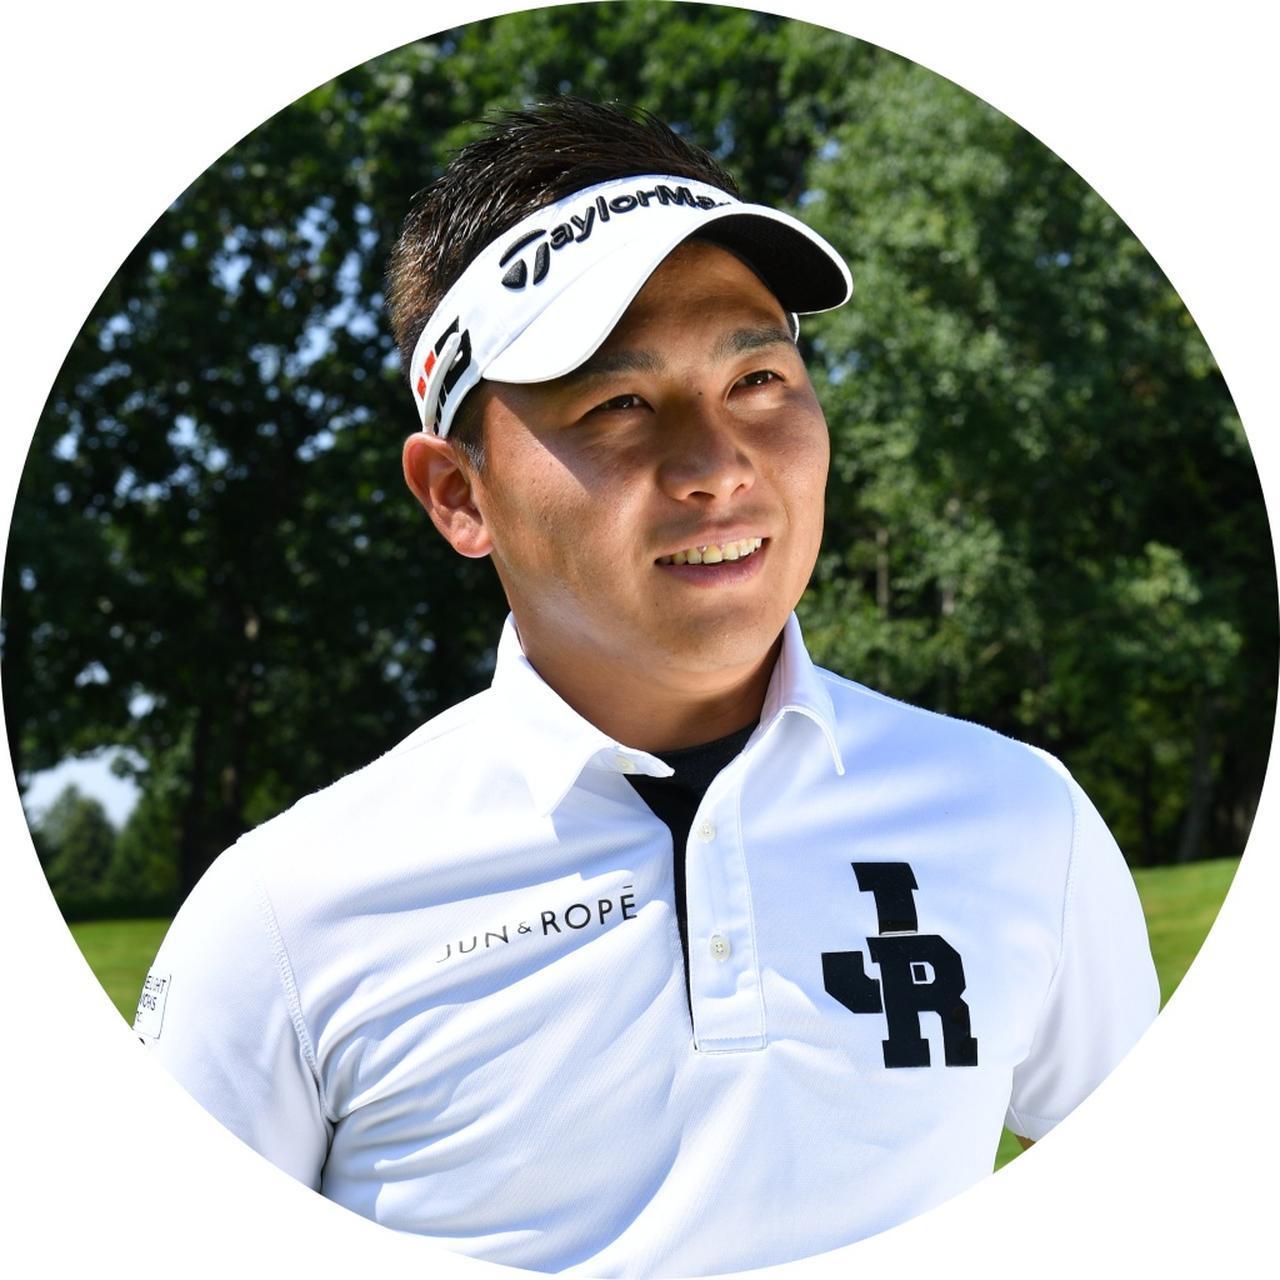 画像: 【解説/池村寛世プロ】 いけむらともよ。1995年生まれ。鹿児島県出身。横峯さくらの「さくらゴルフアカデミー」でゴルフを覚えた。2年連続シード獲得。ディライトワークス所属